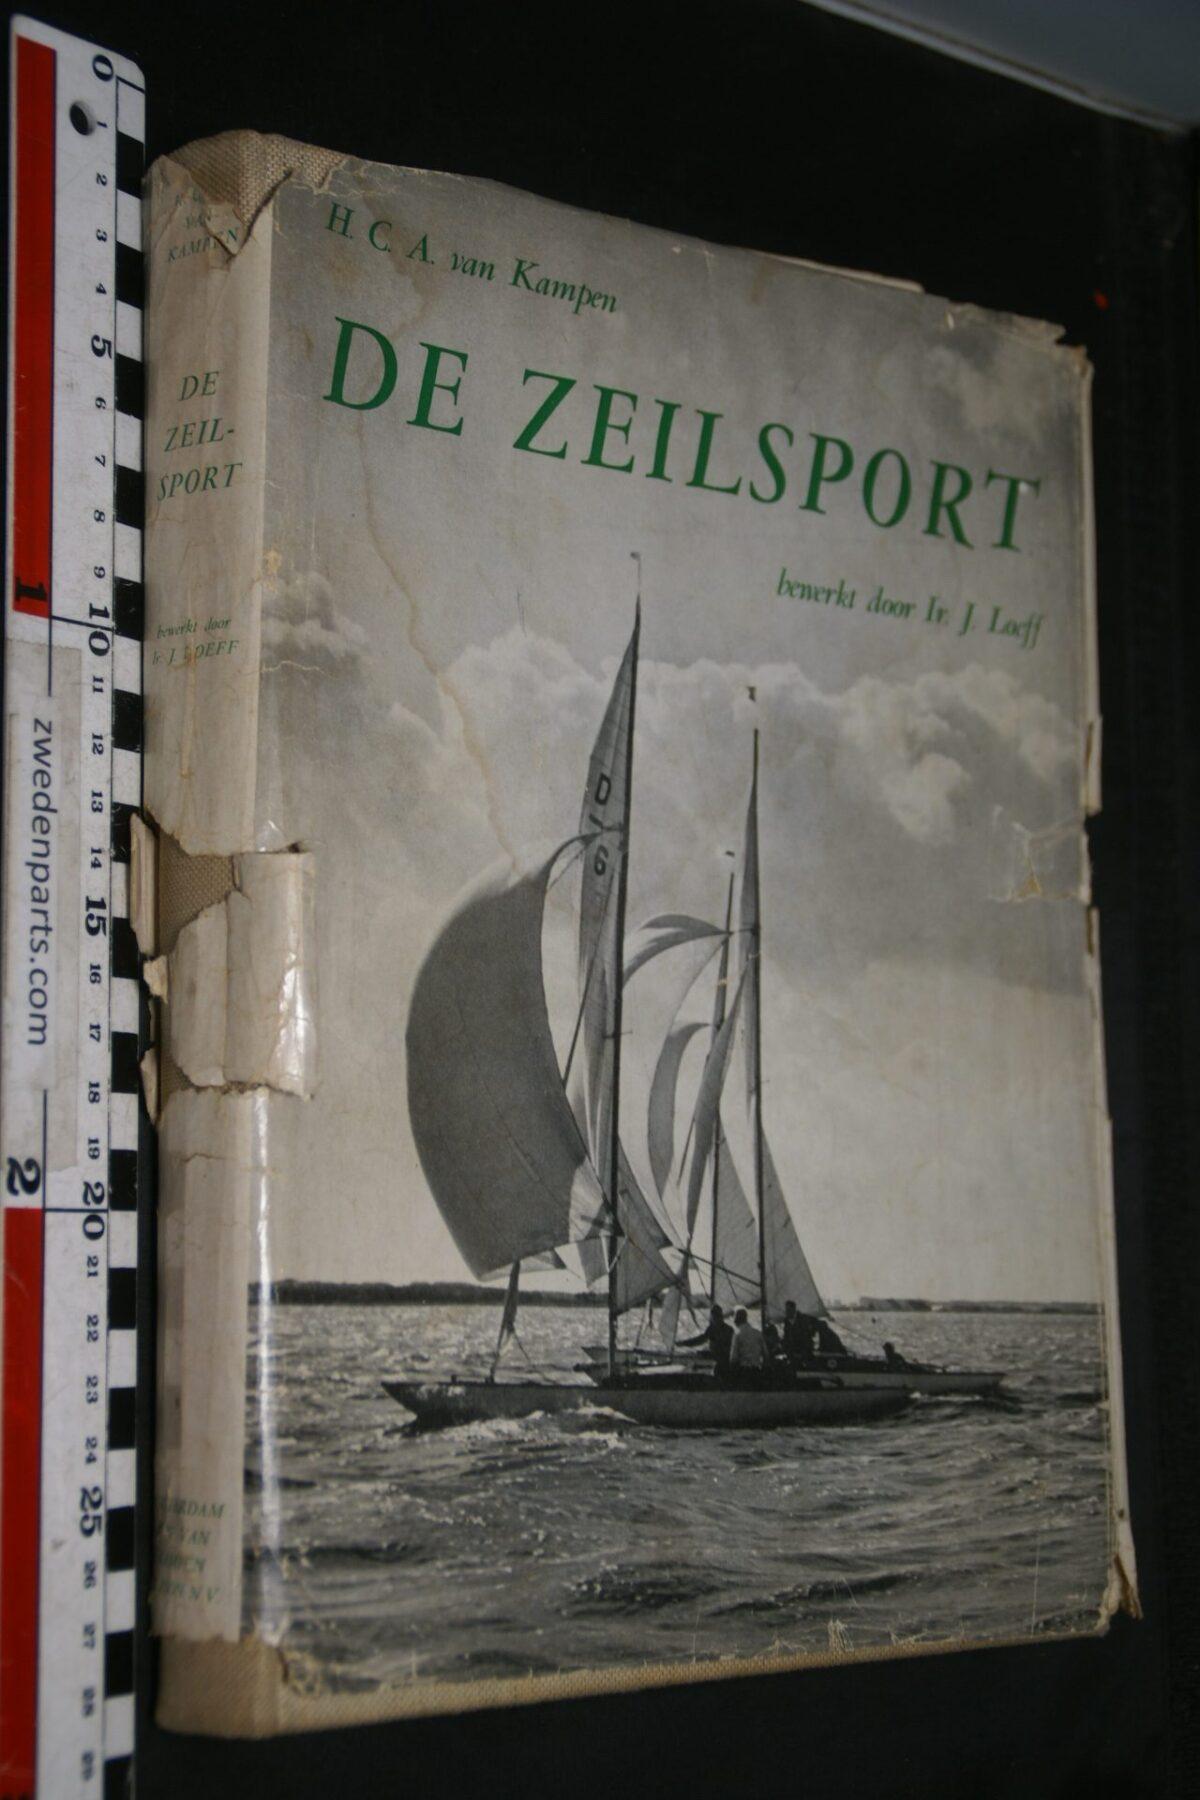 DSC06940 1982 1956 boek De Zeilsport van H. van Kampen en J. Loeff, 6e druk